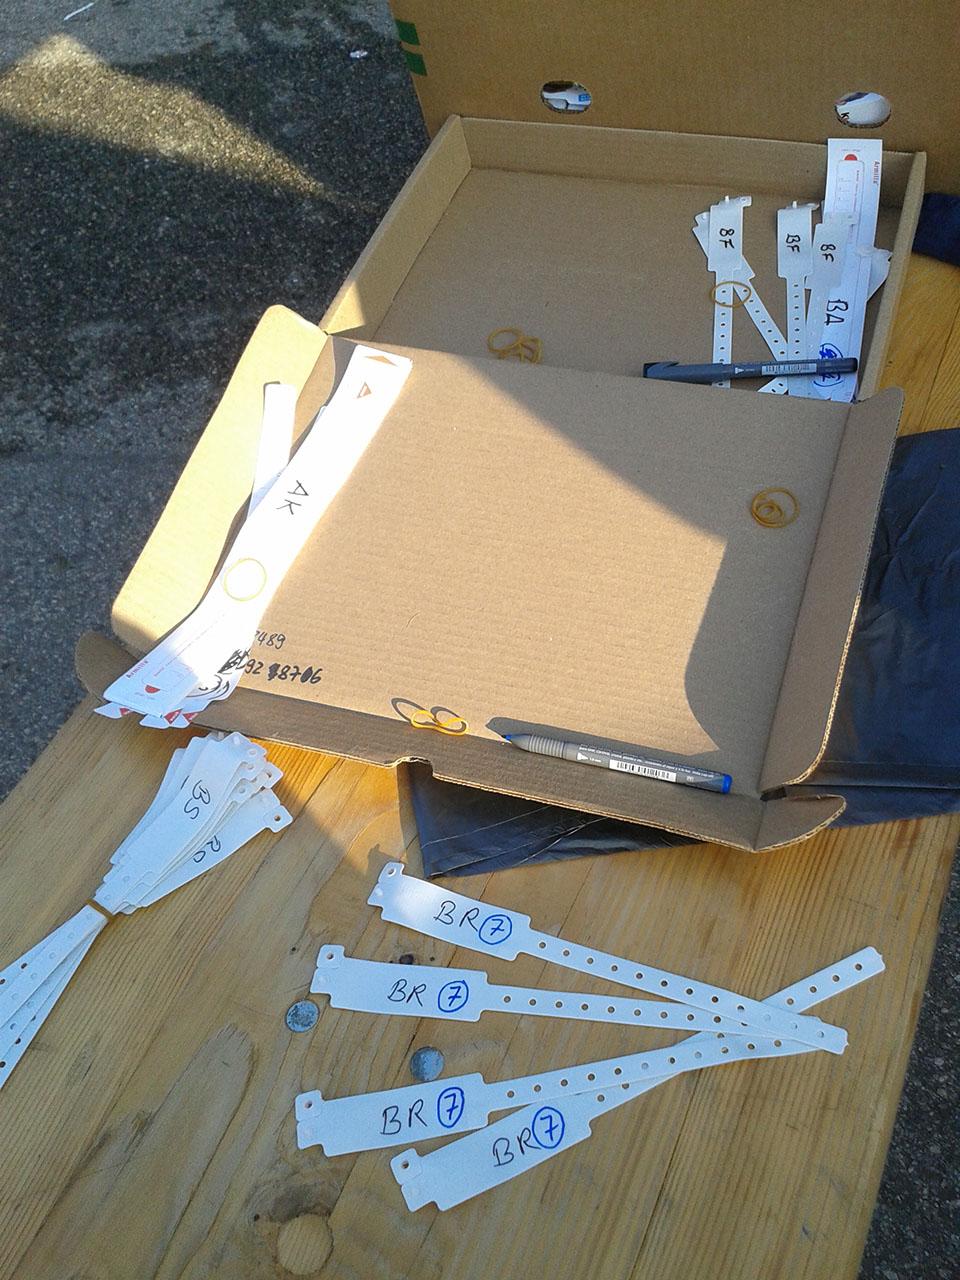 So sehen die Armbänder für das Nummernsystem aus. Foto: PeaceWatch.de/M. Lindner